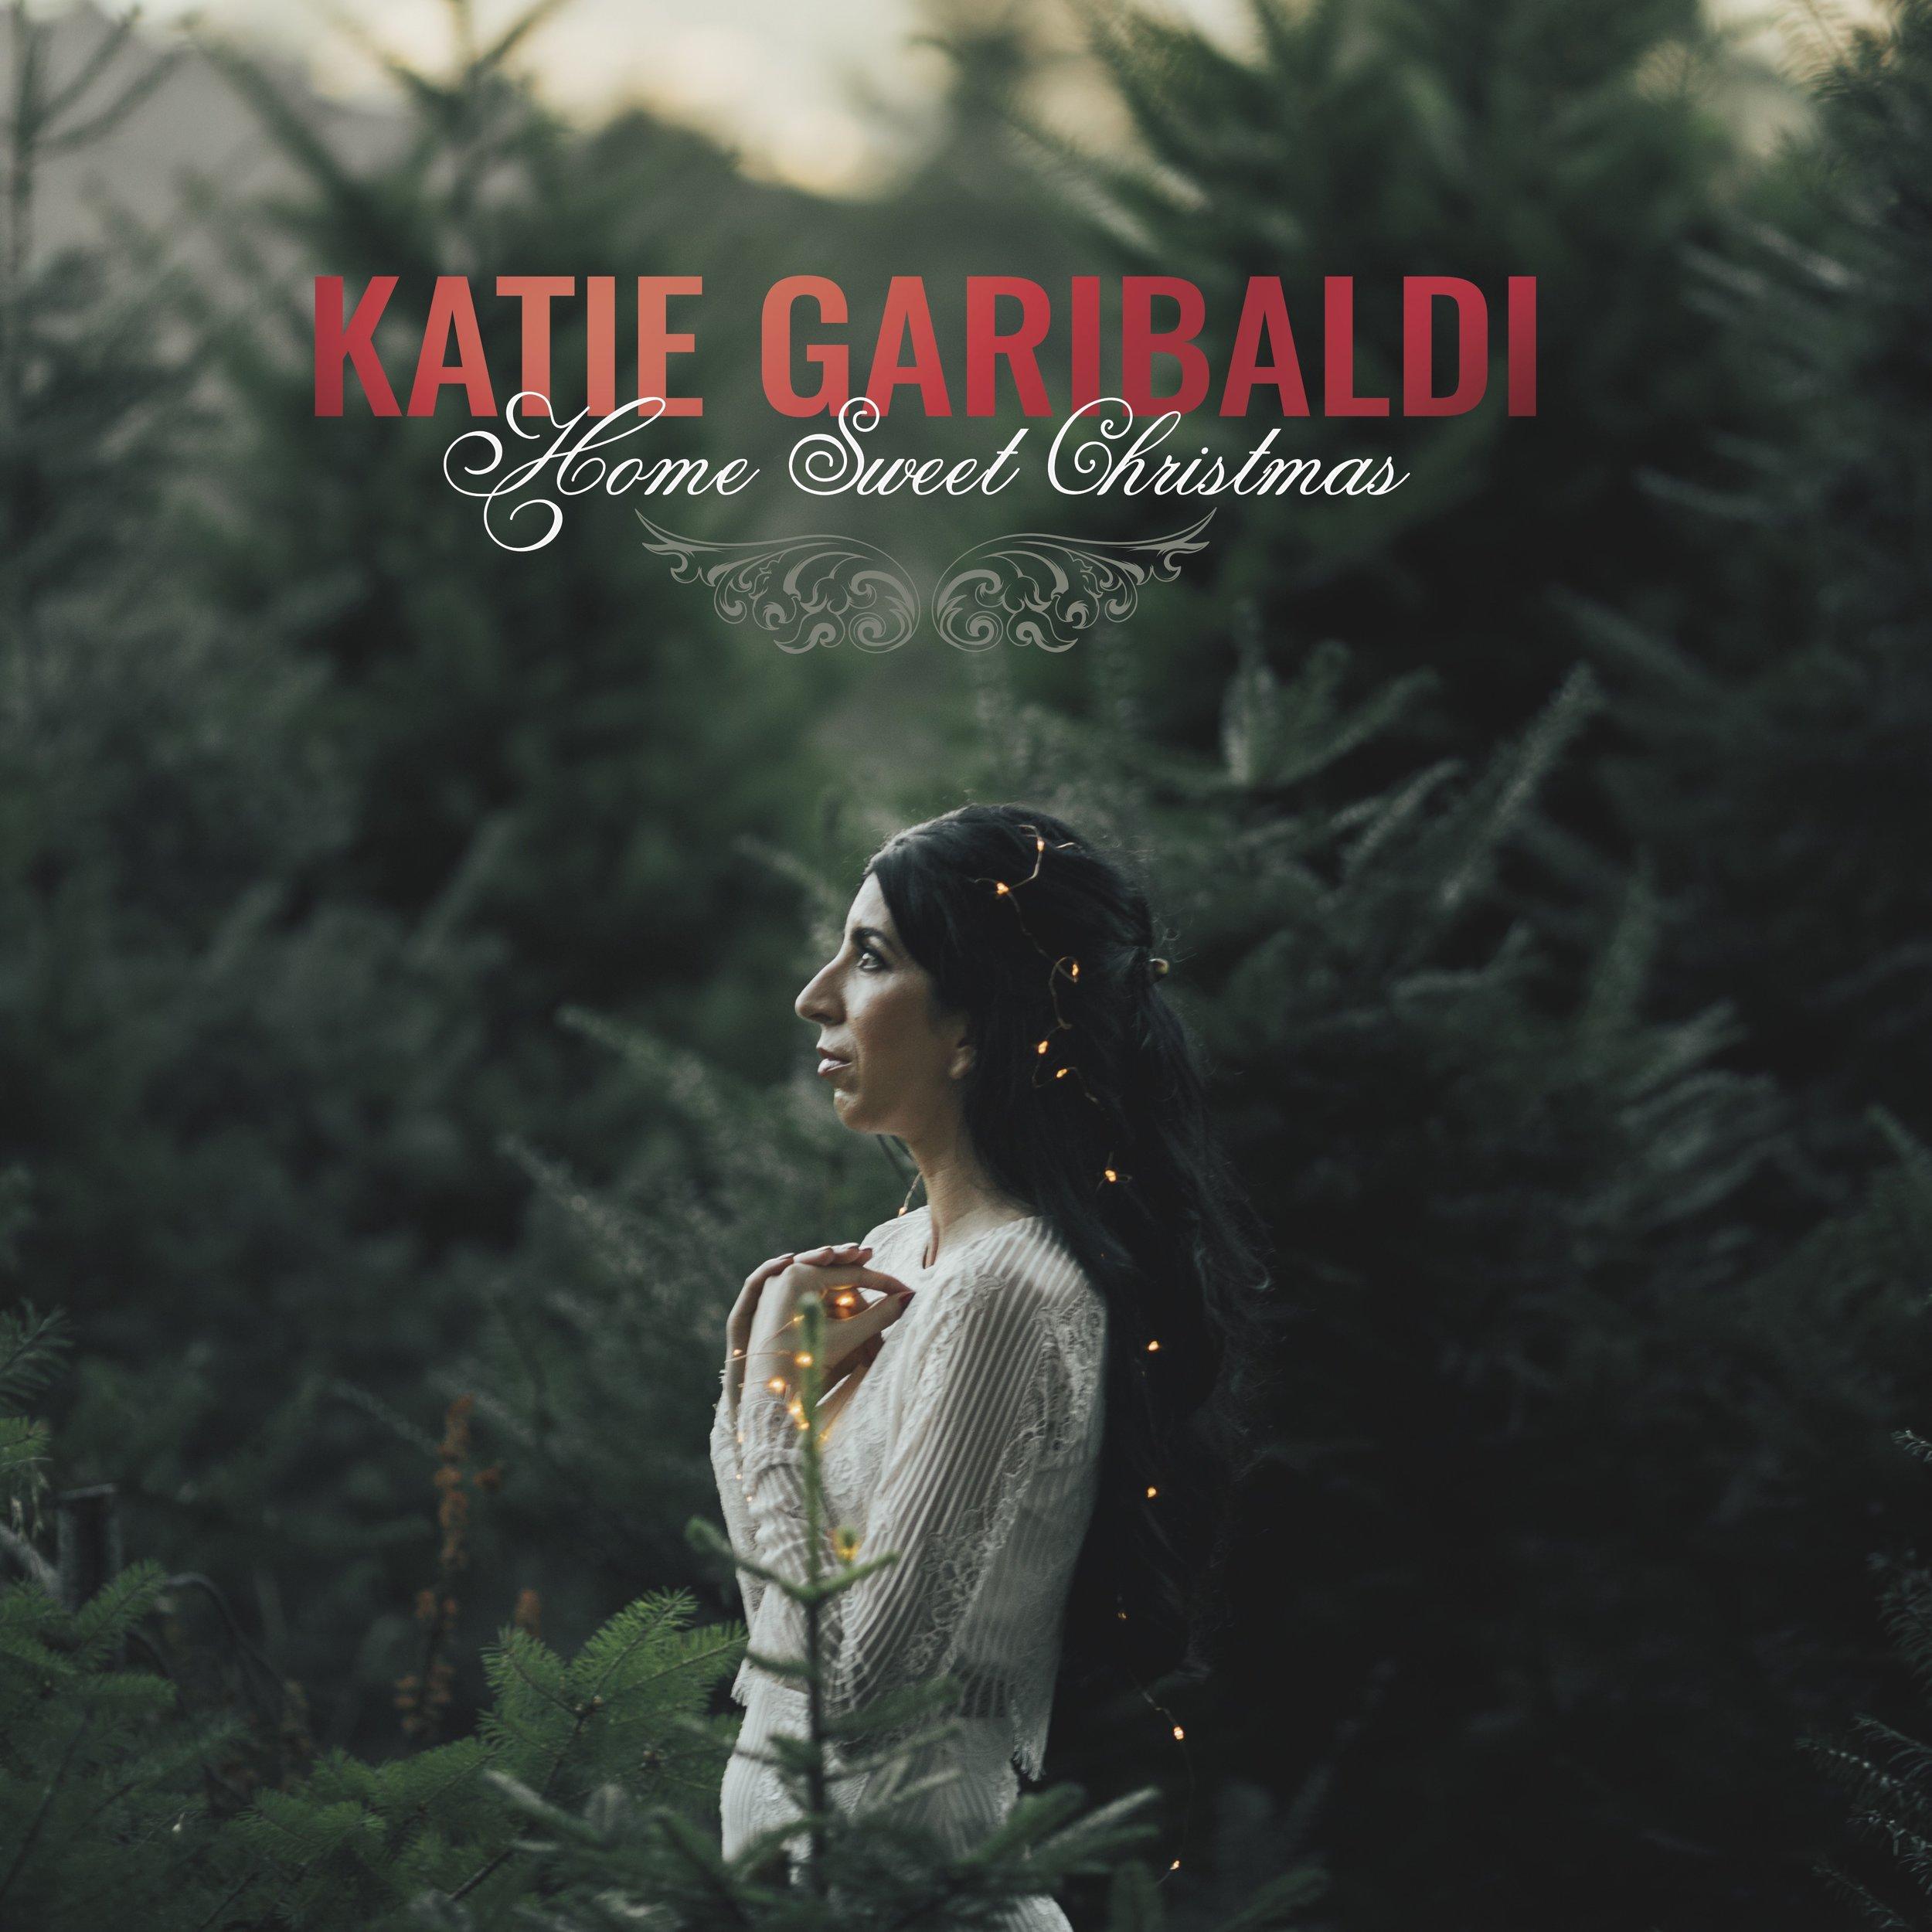 Home Sweet Christmas | Katie Garibaldi